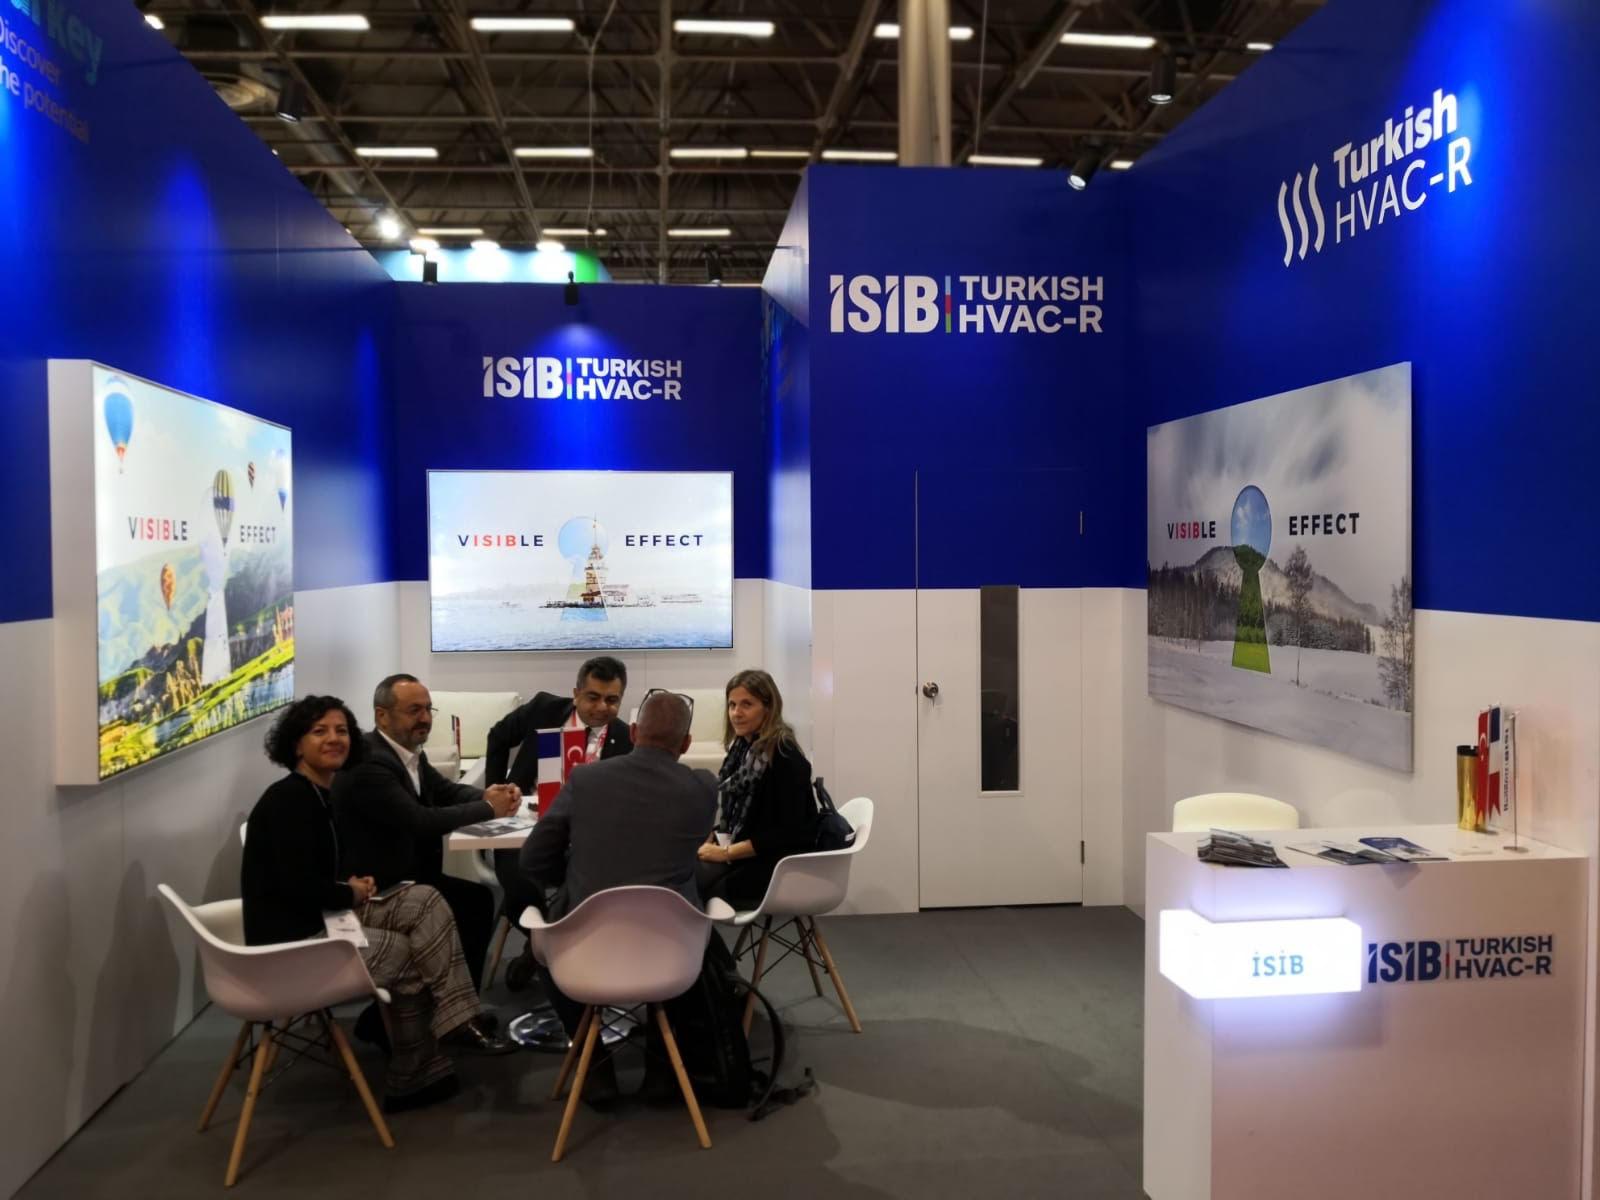 İSİB, Interclima + Elec 2019 Fuarı'na Milli Katılım Organizasyonu Düzenledi